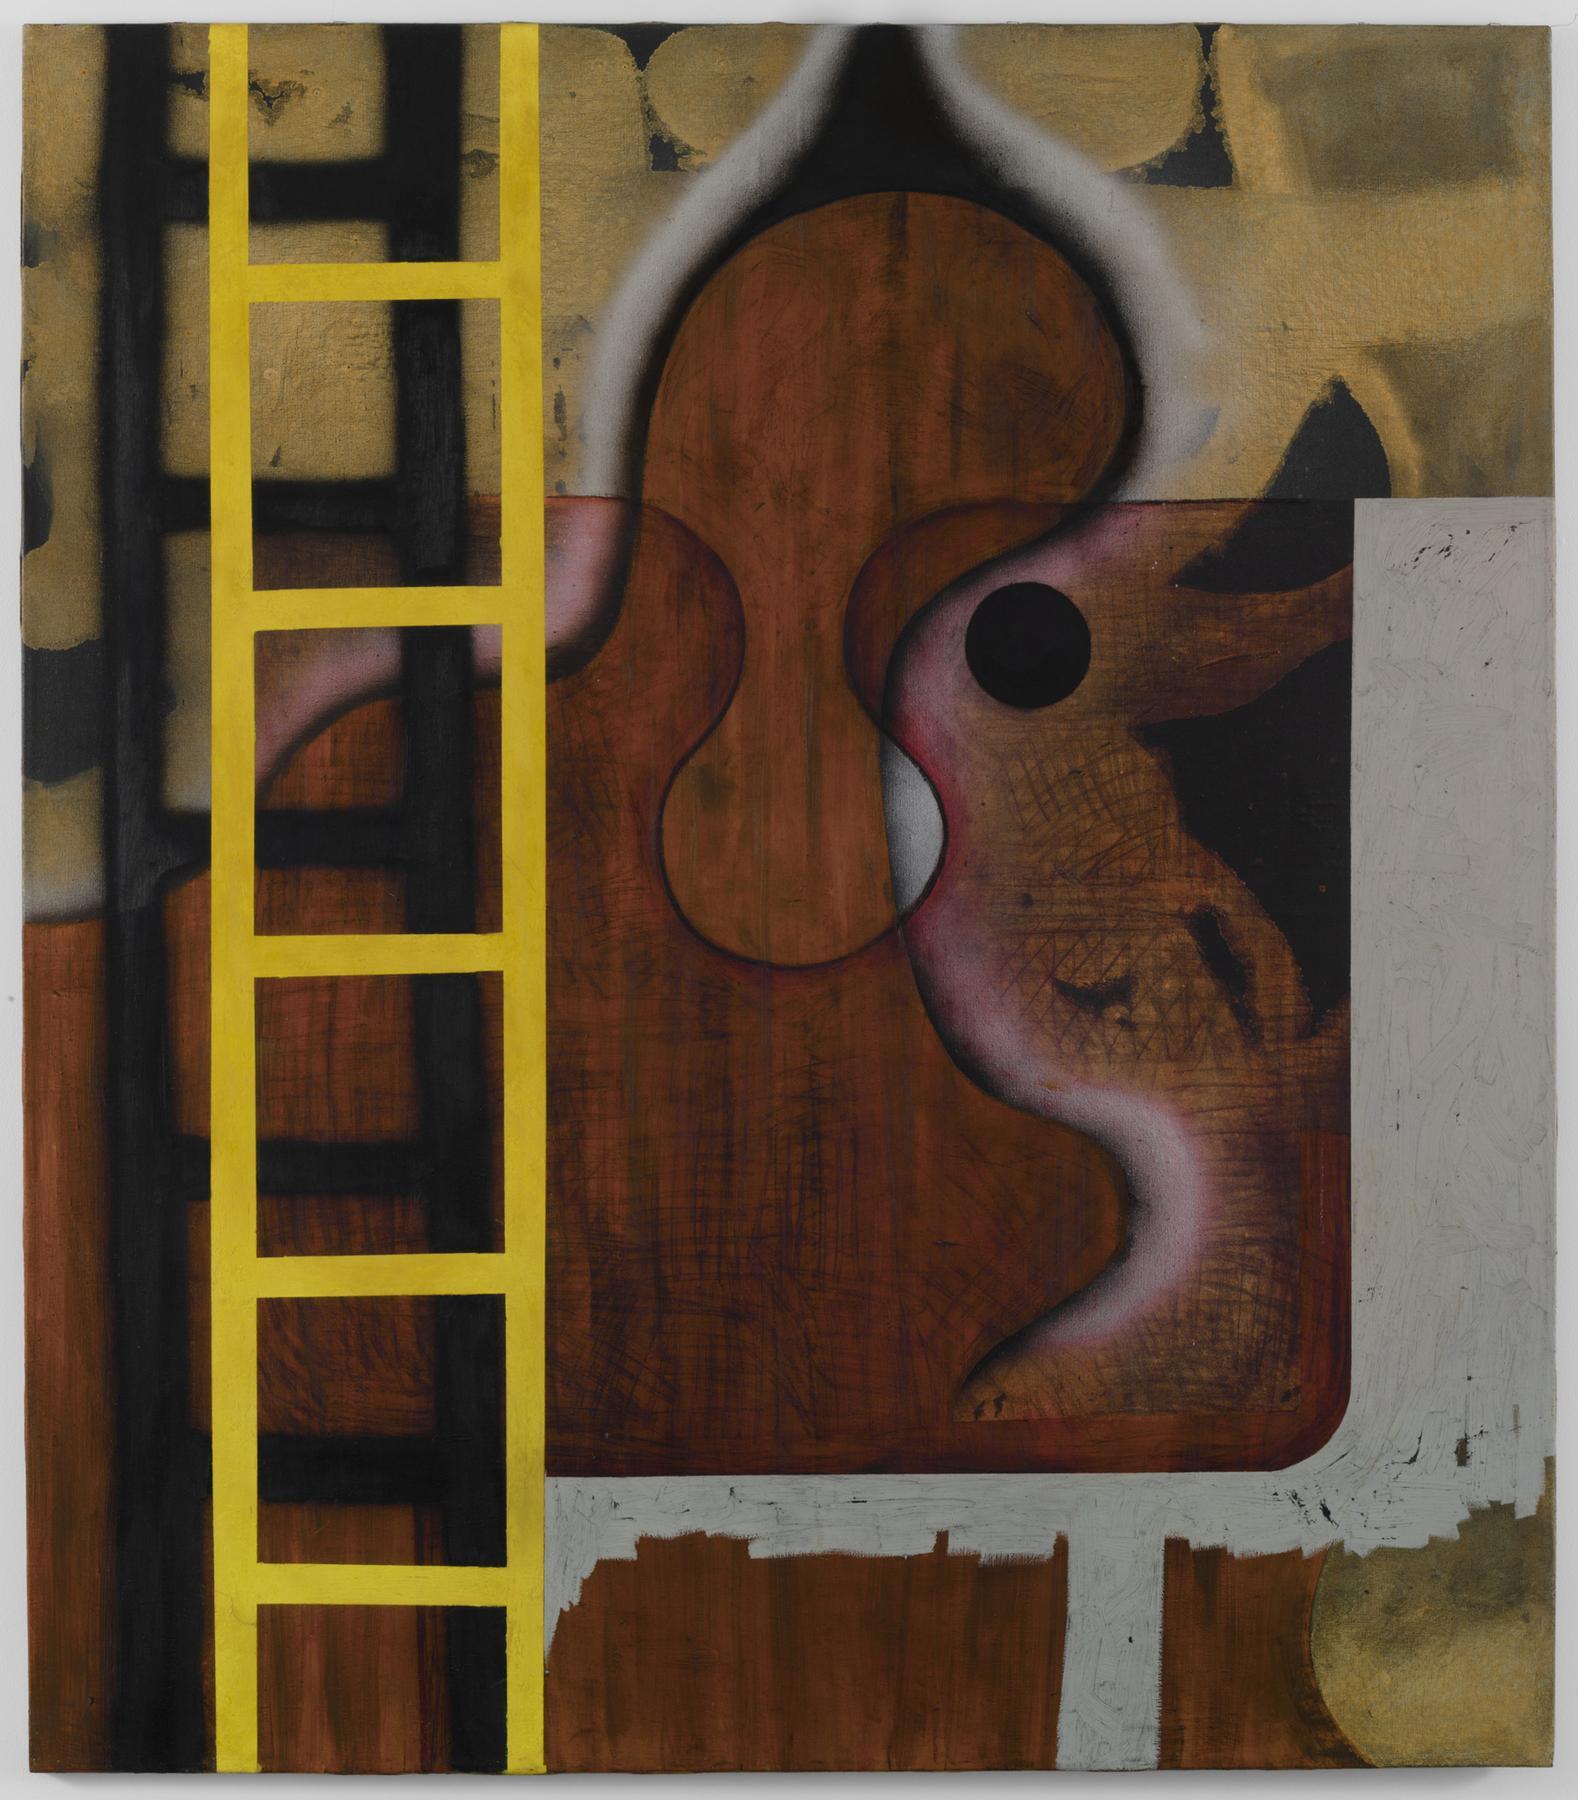 Charline von Heyl Untitled (6/91, I) 1991